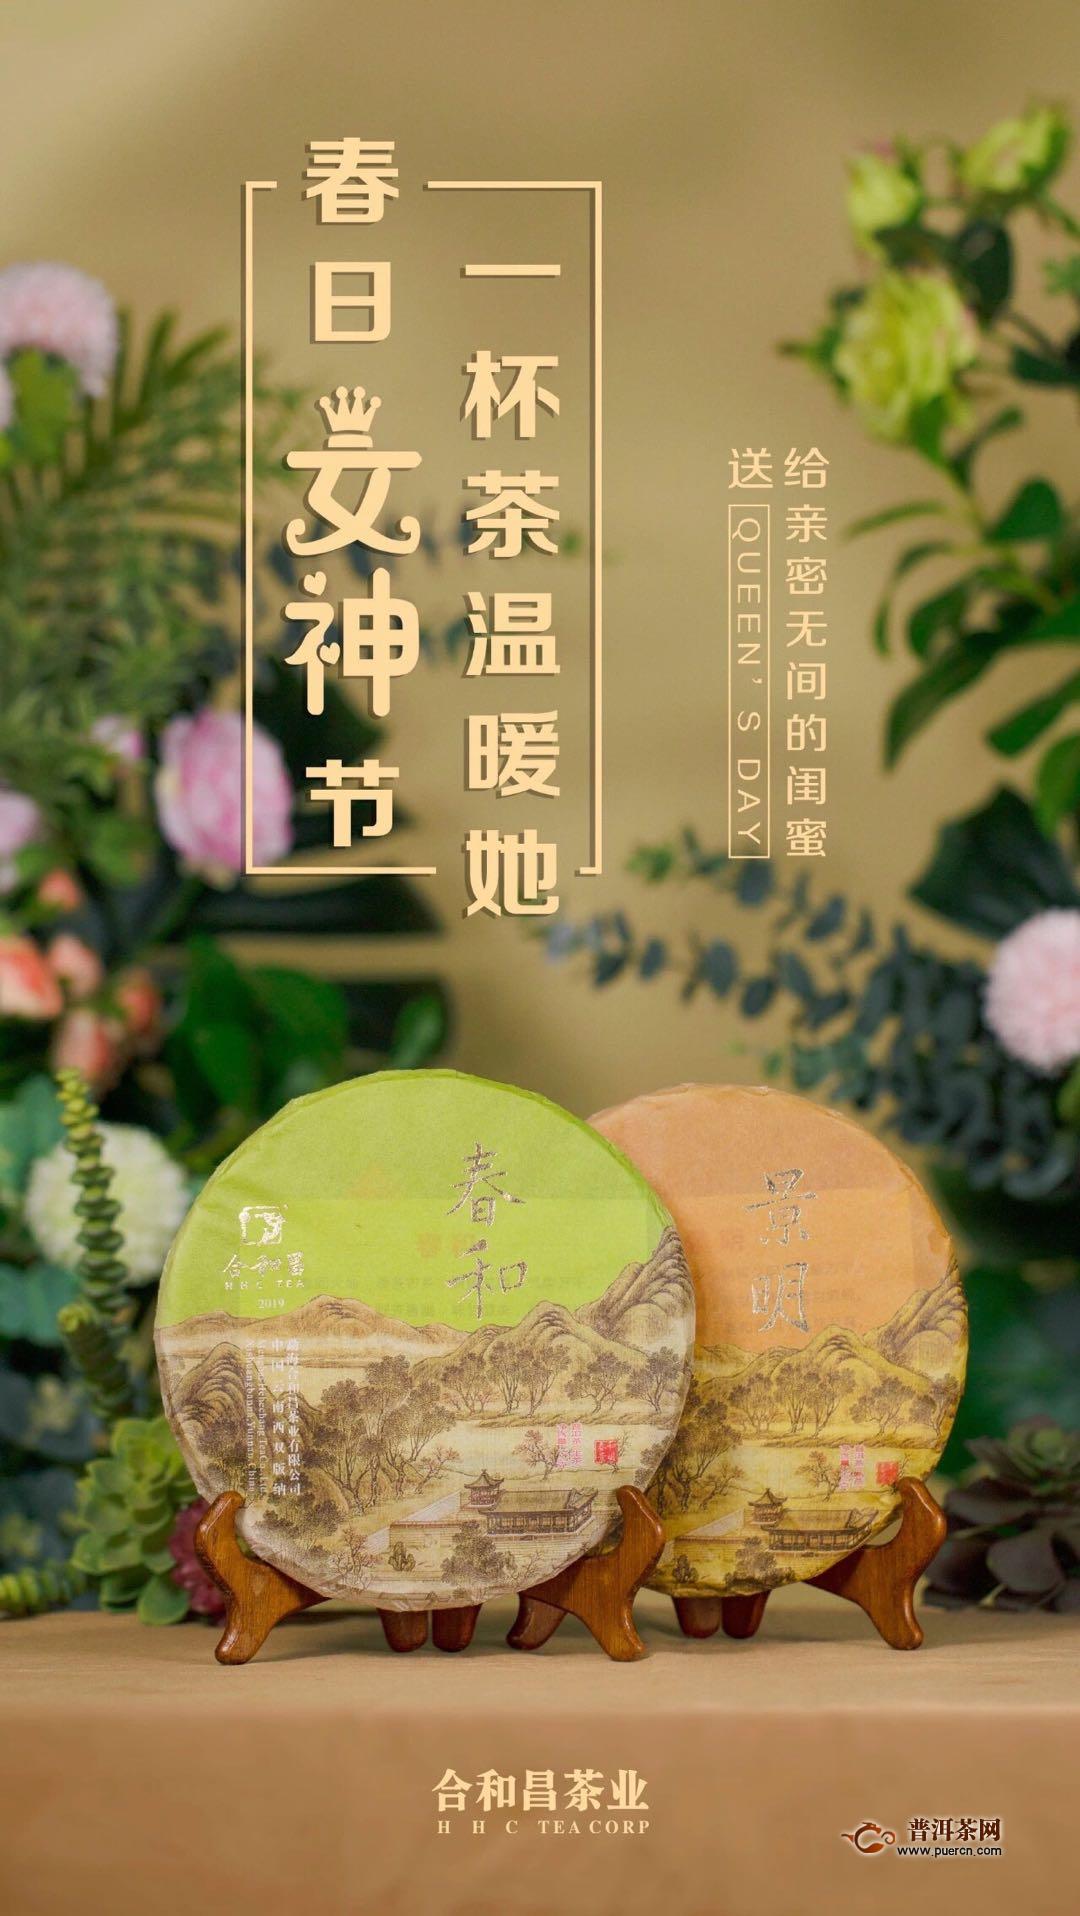 合和昌:春日女神节,一杯茶温暖她